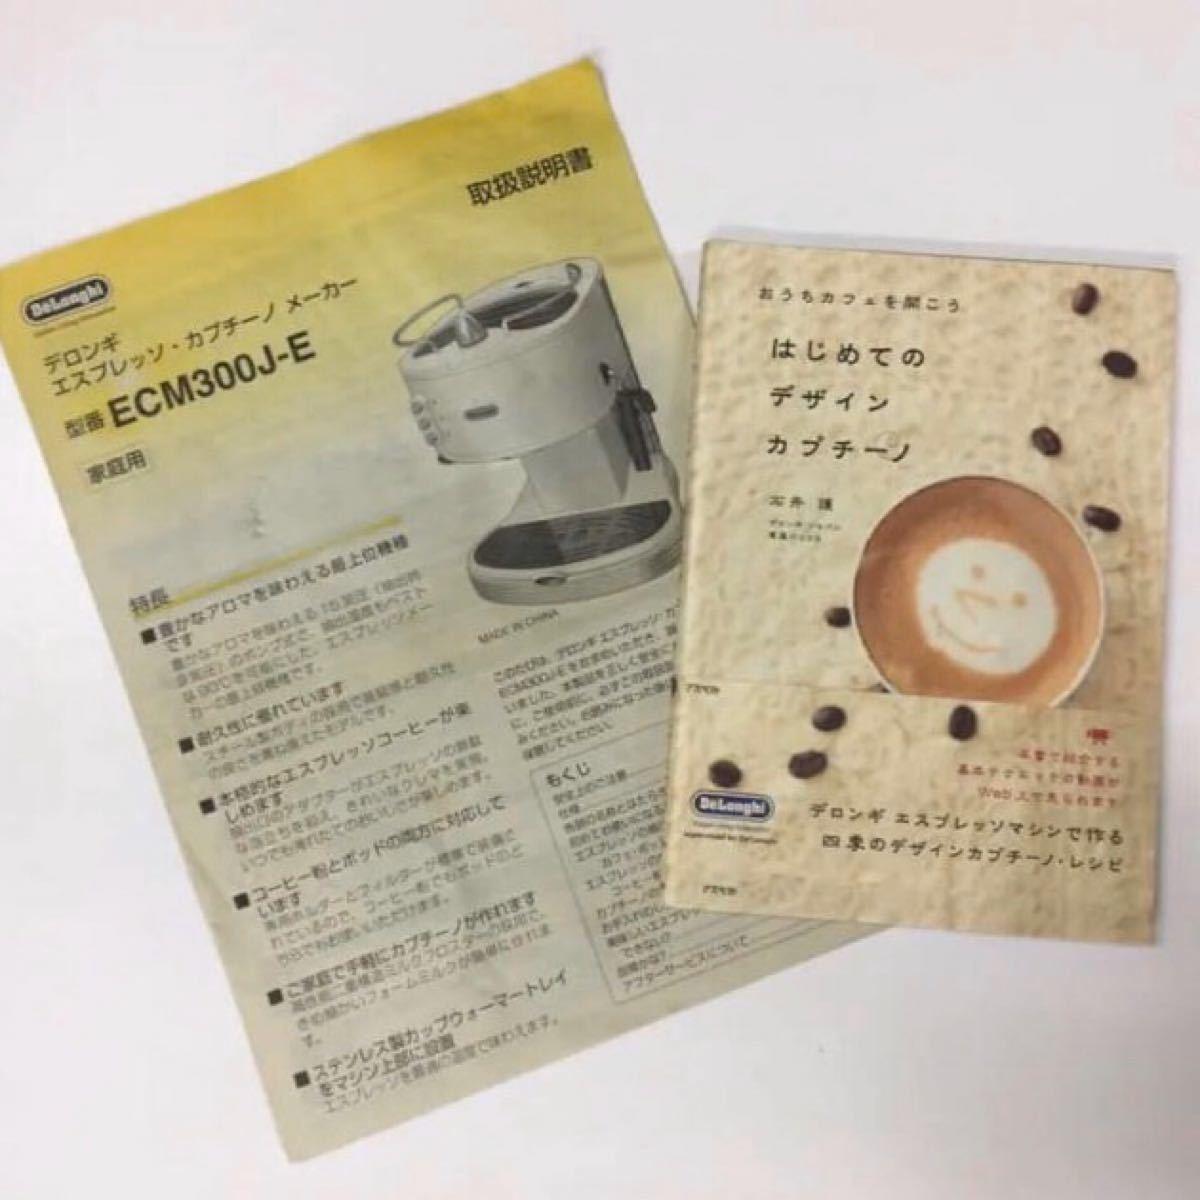 【新品】エスプレッソ・カプチーノメーカー DeLonghi